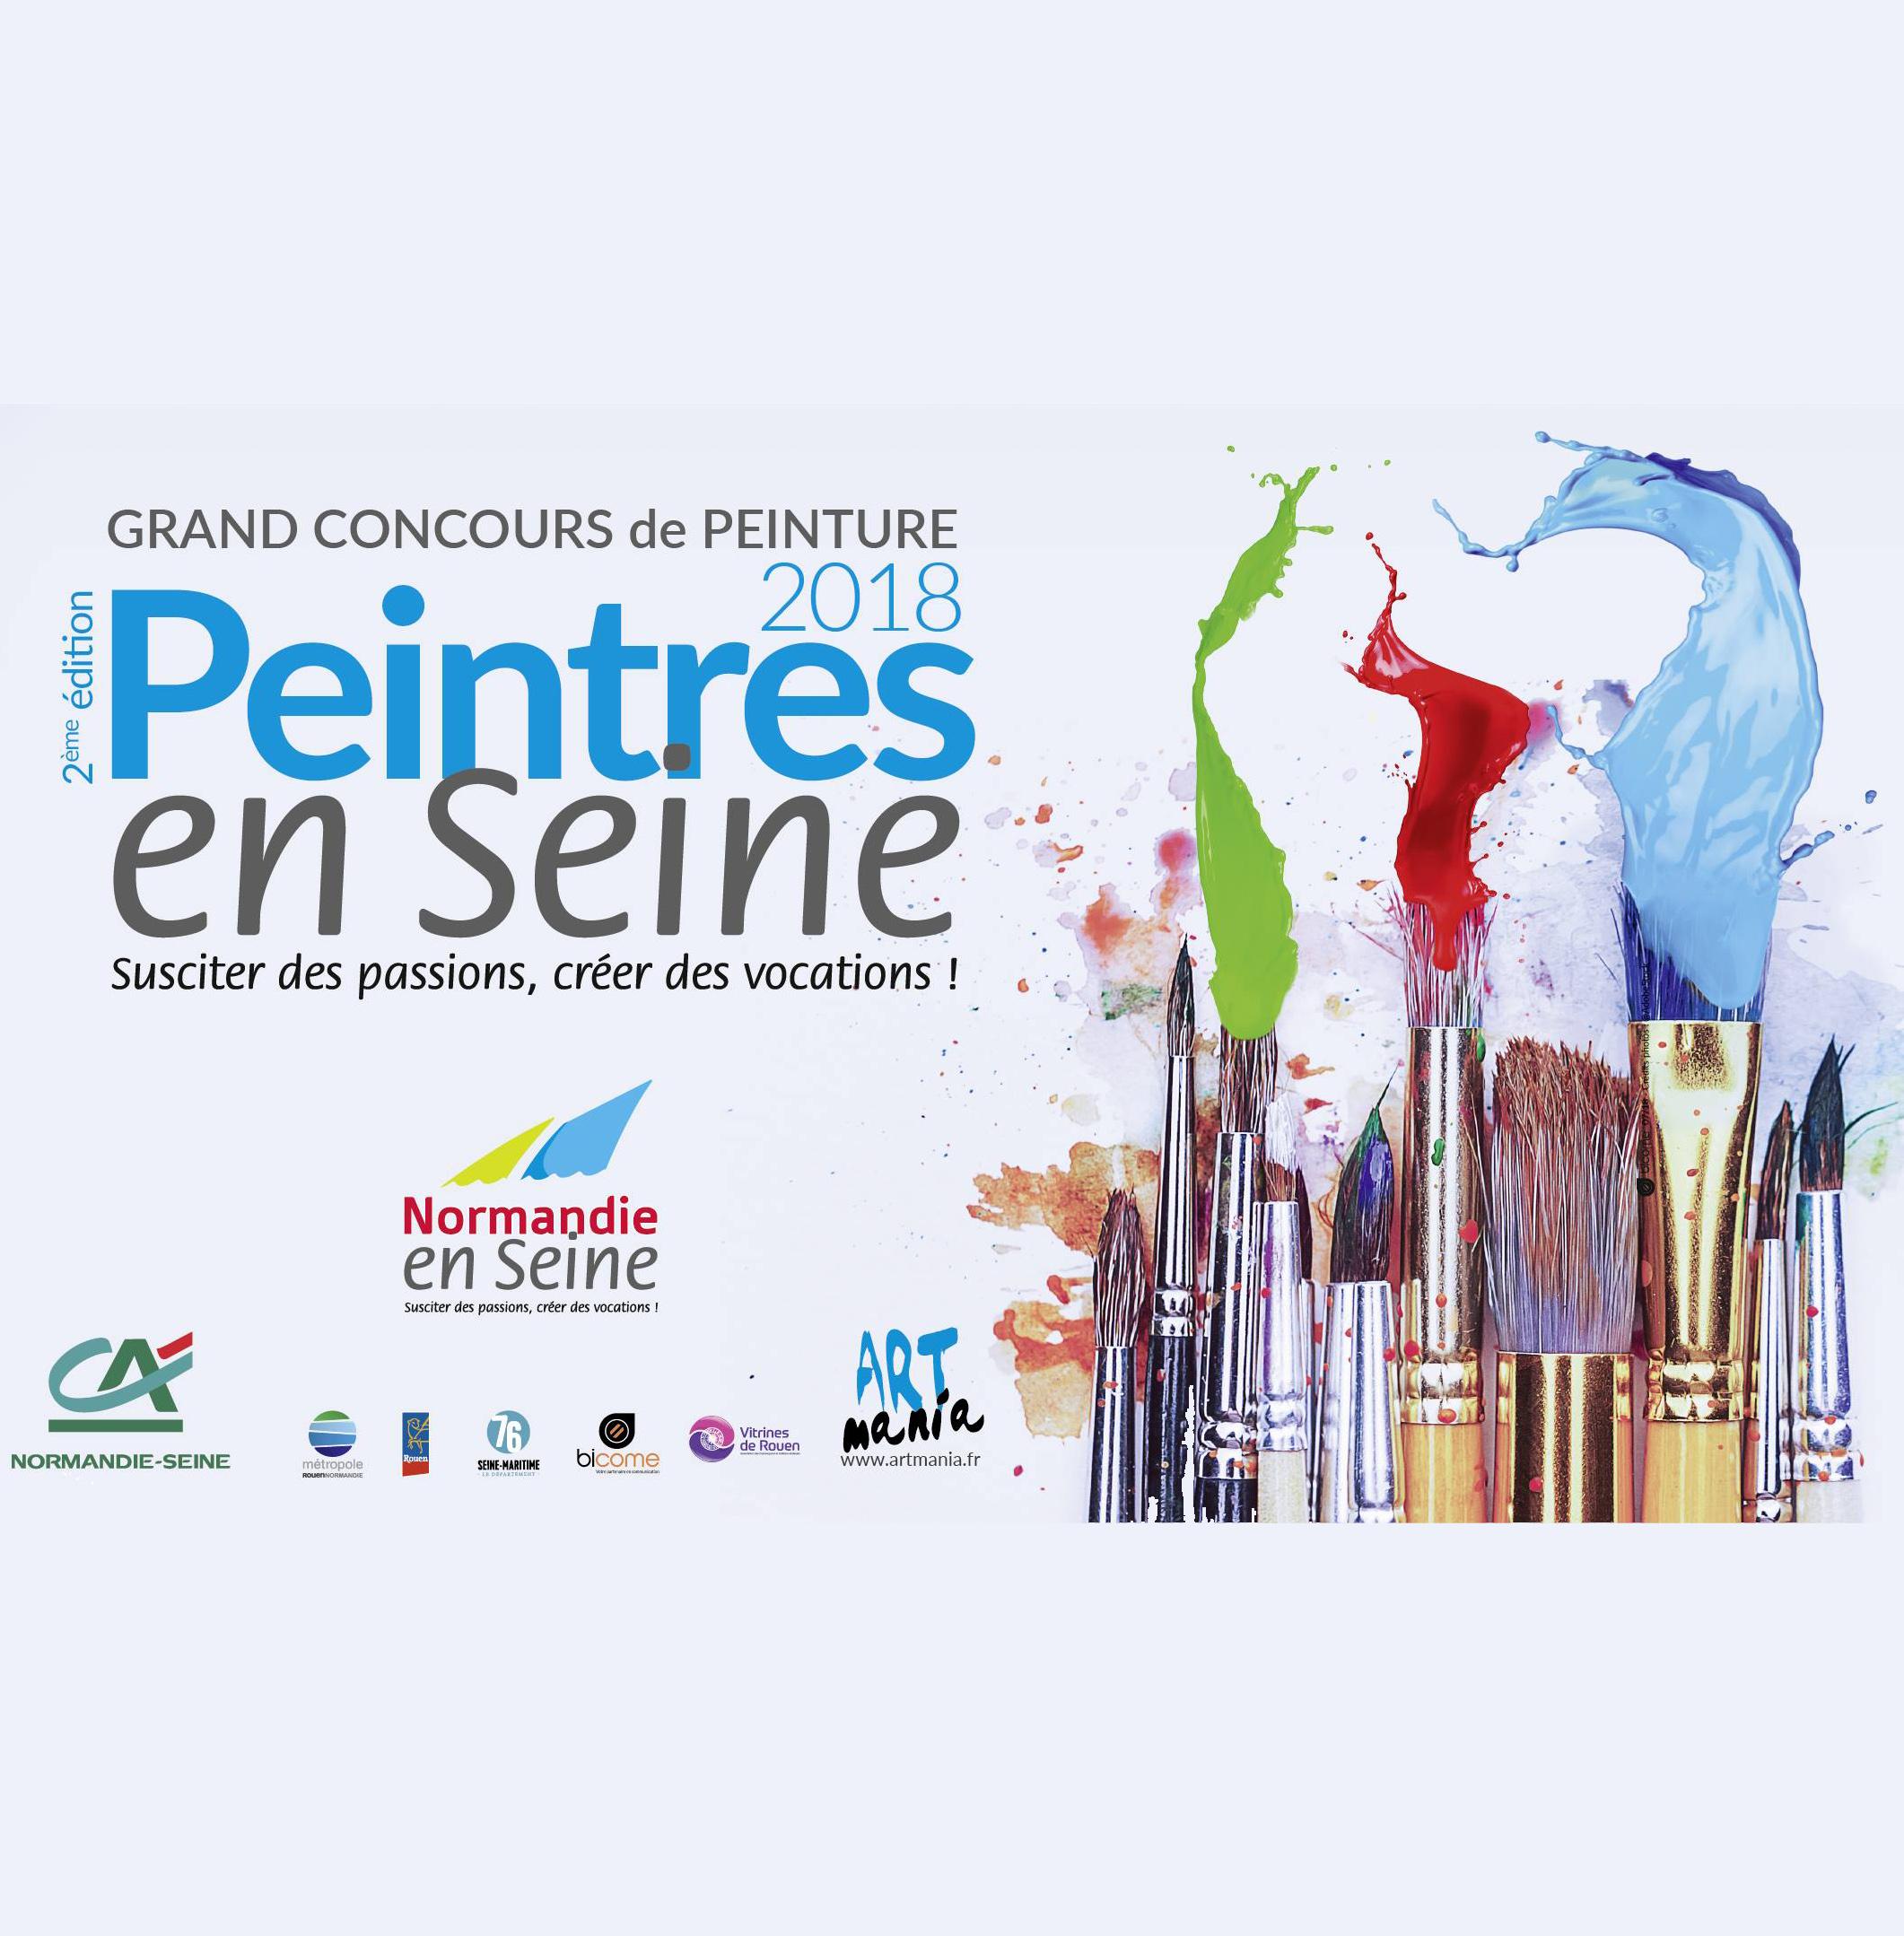 Concours de Peinture – Dimanche 16 septembre